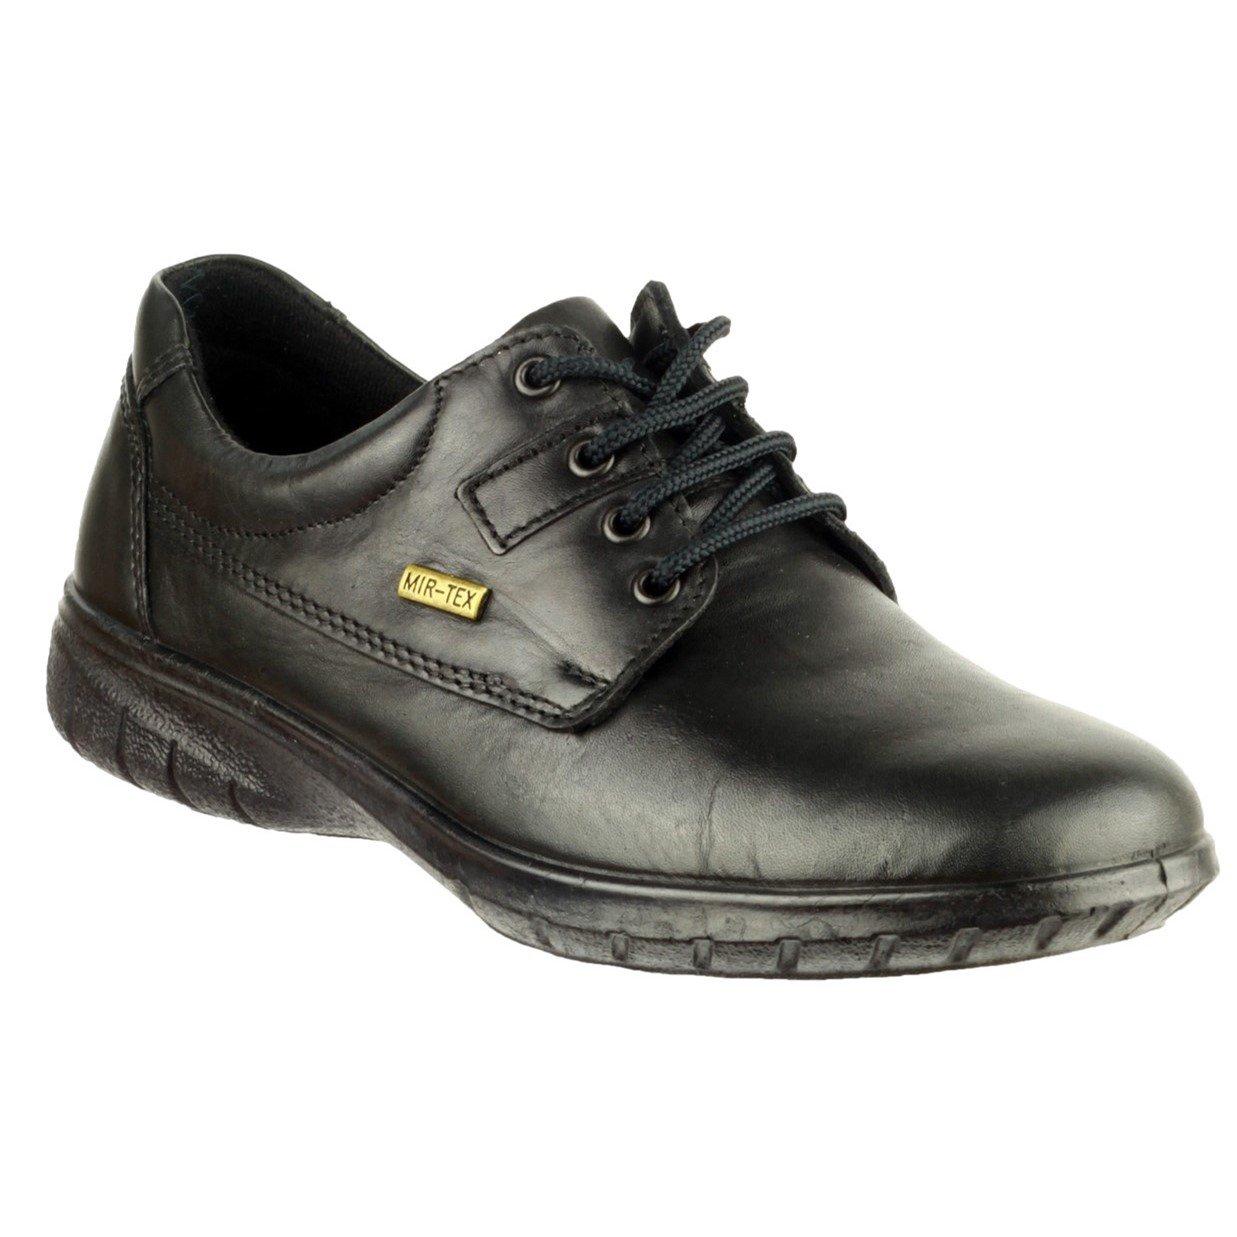 Cotswold Women's Ruscombe Waterproof Shoe Black 32982 - Black 8